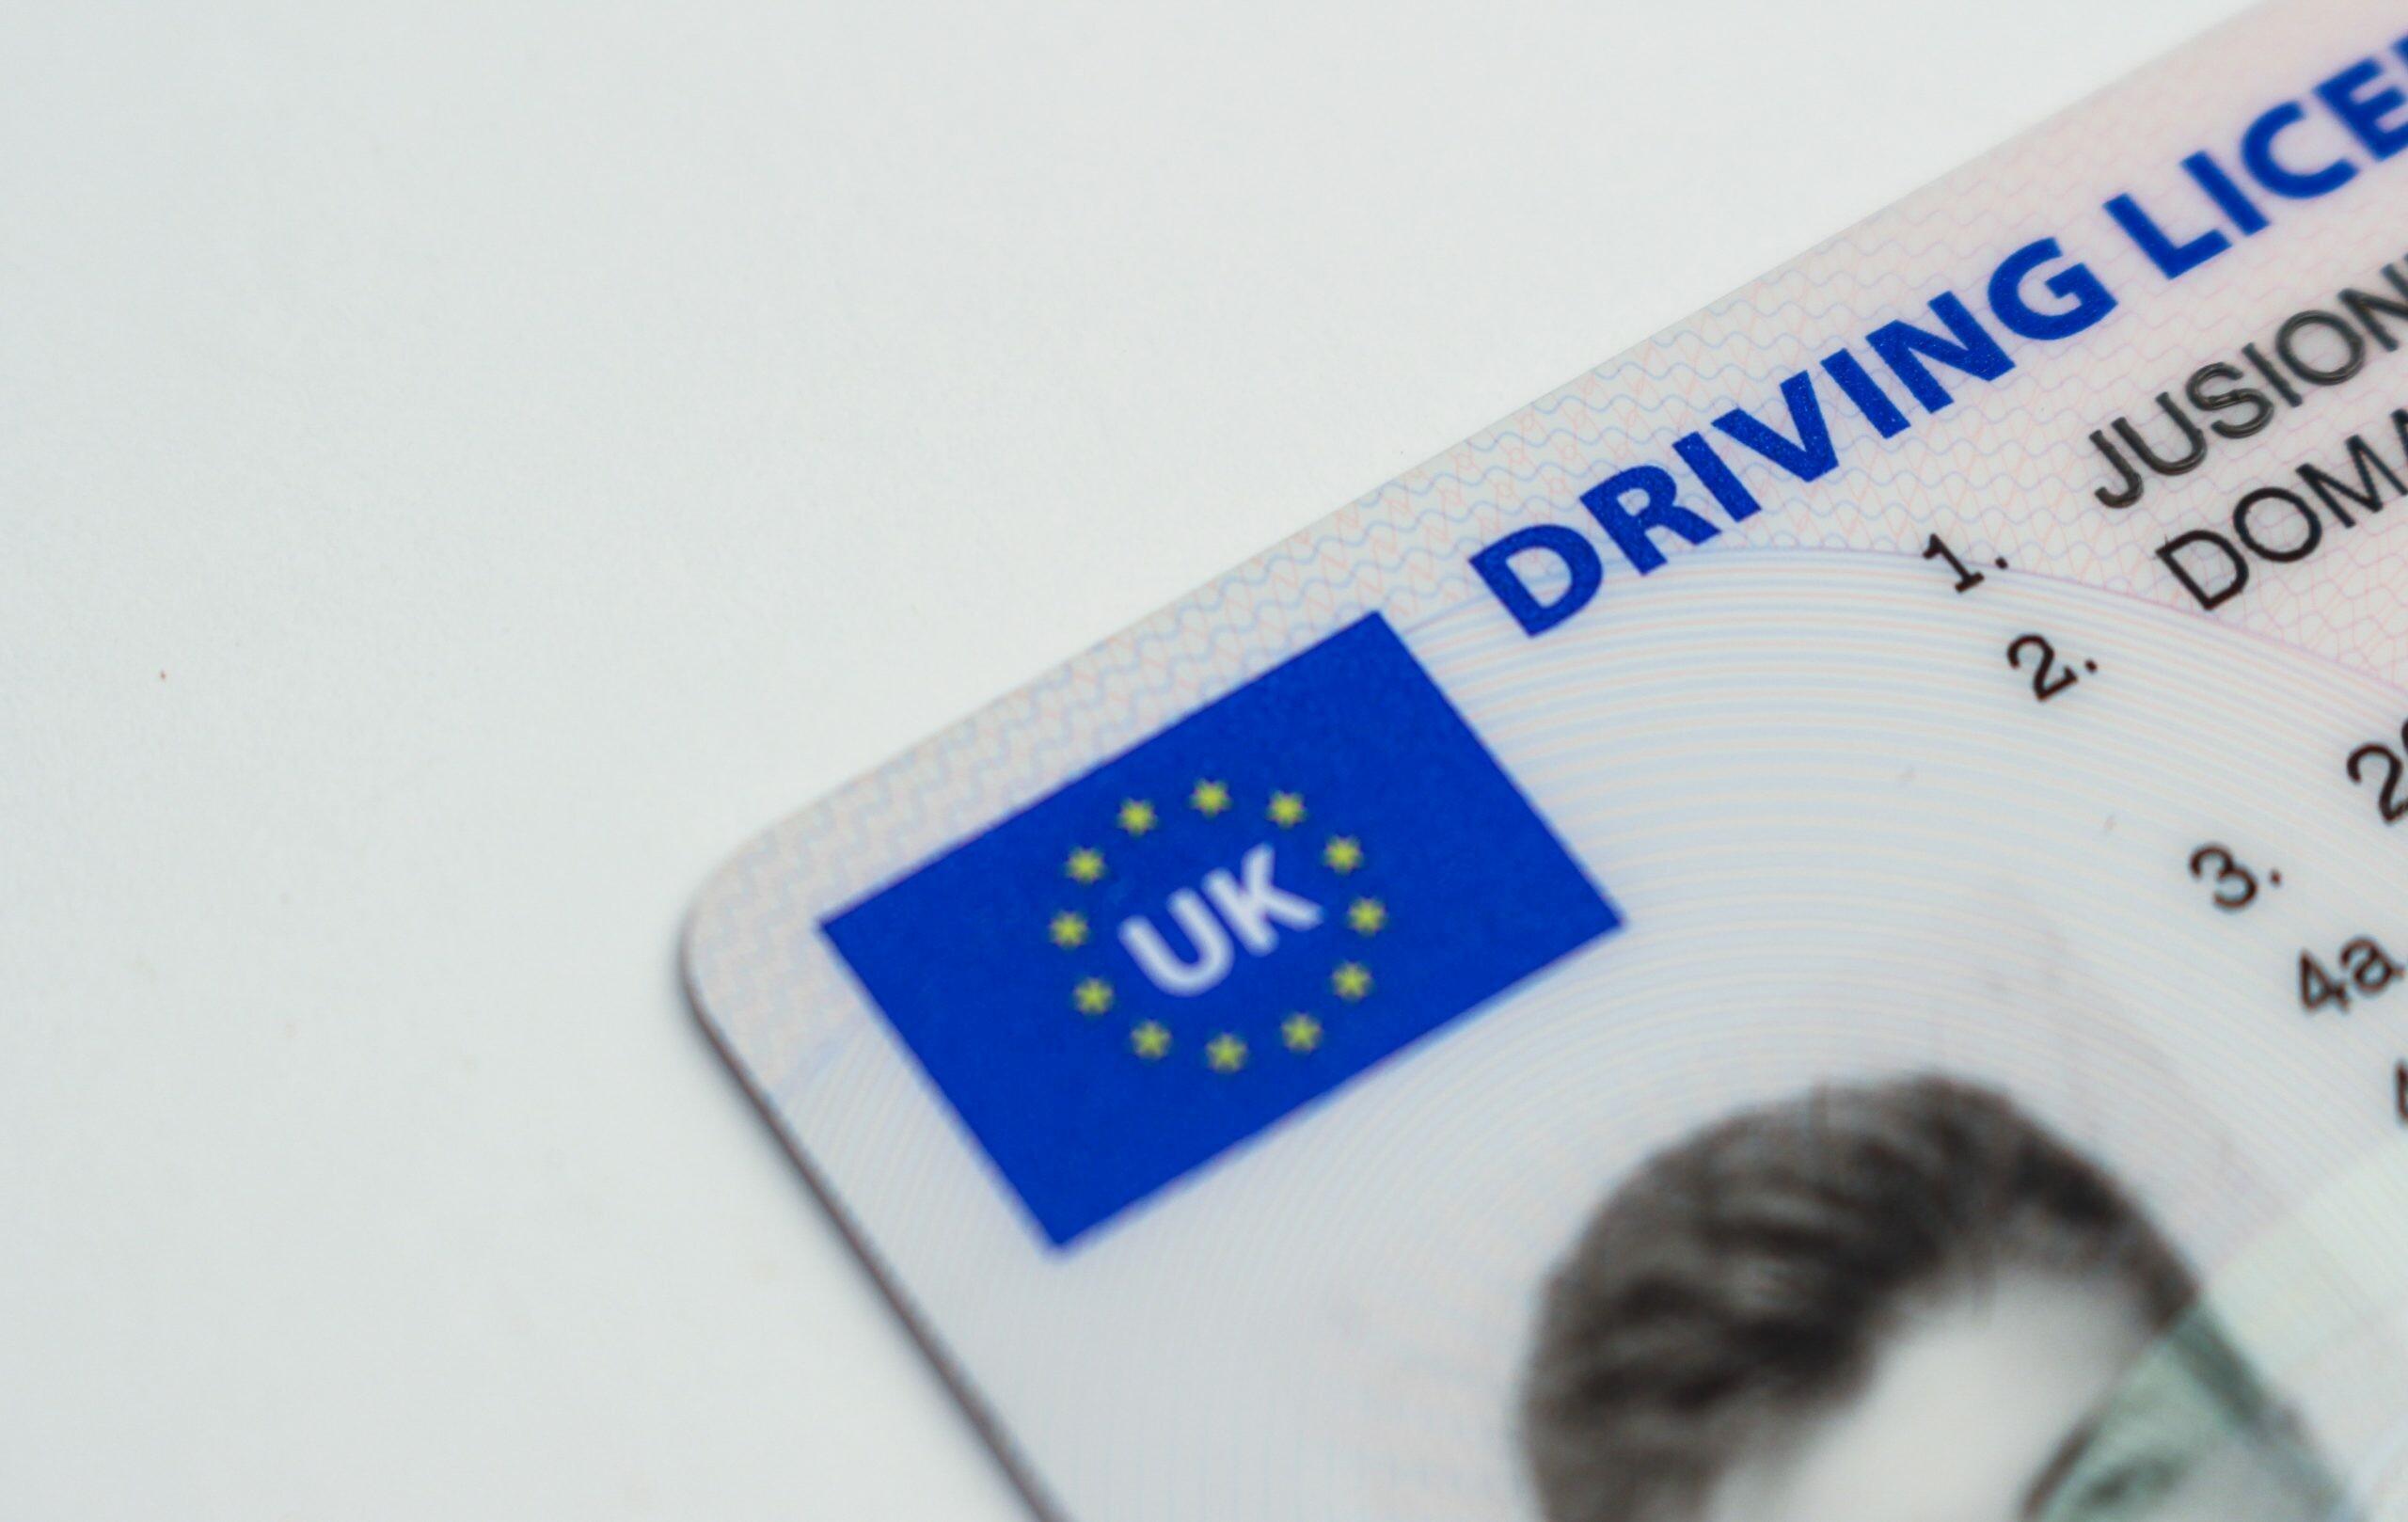 بريطانيا تخطط لإلغاء رخصة القيادة البلاستيكية .. والسبب؟